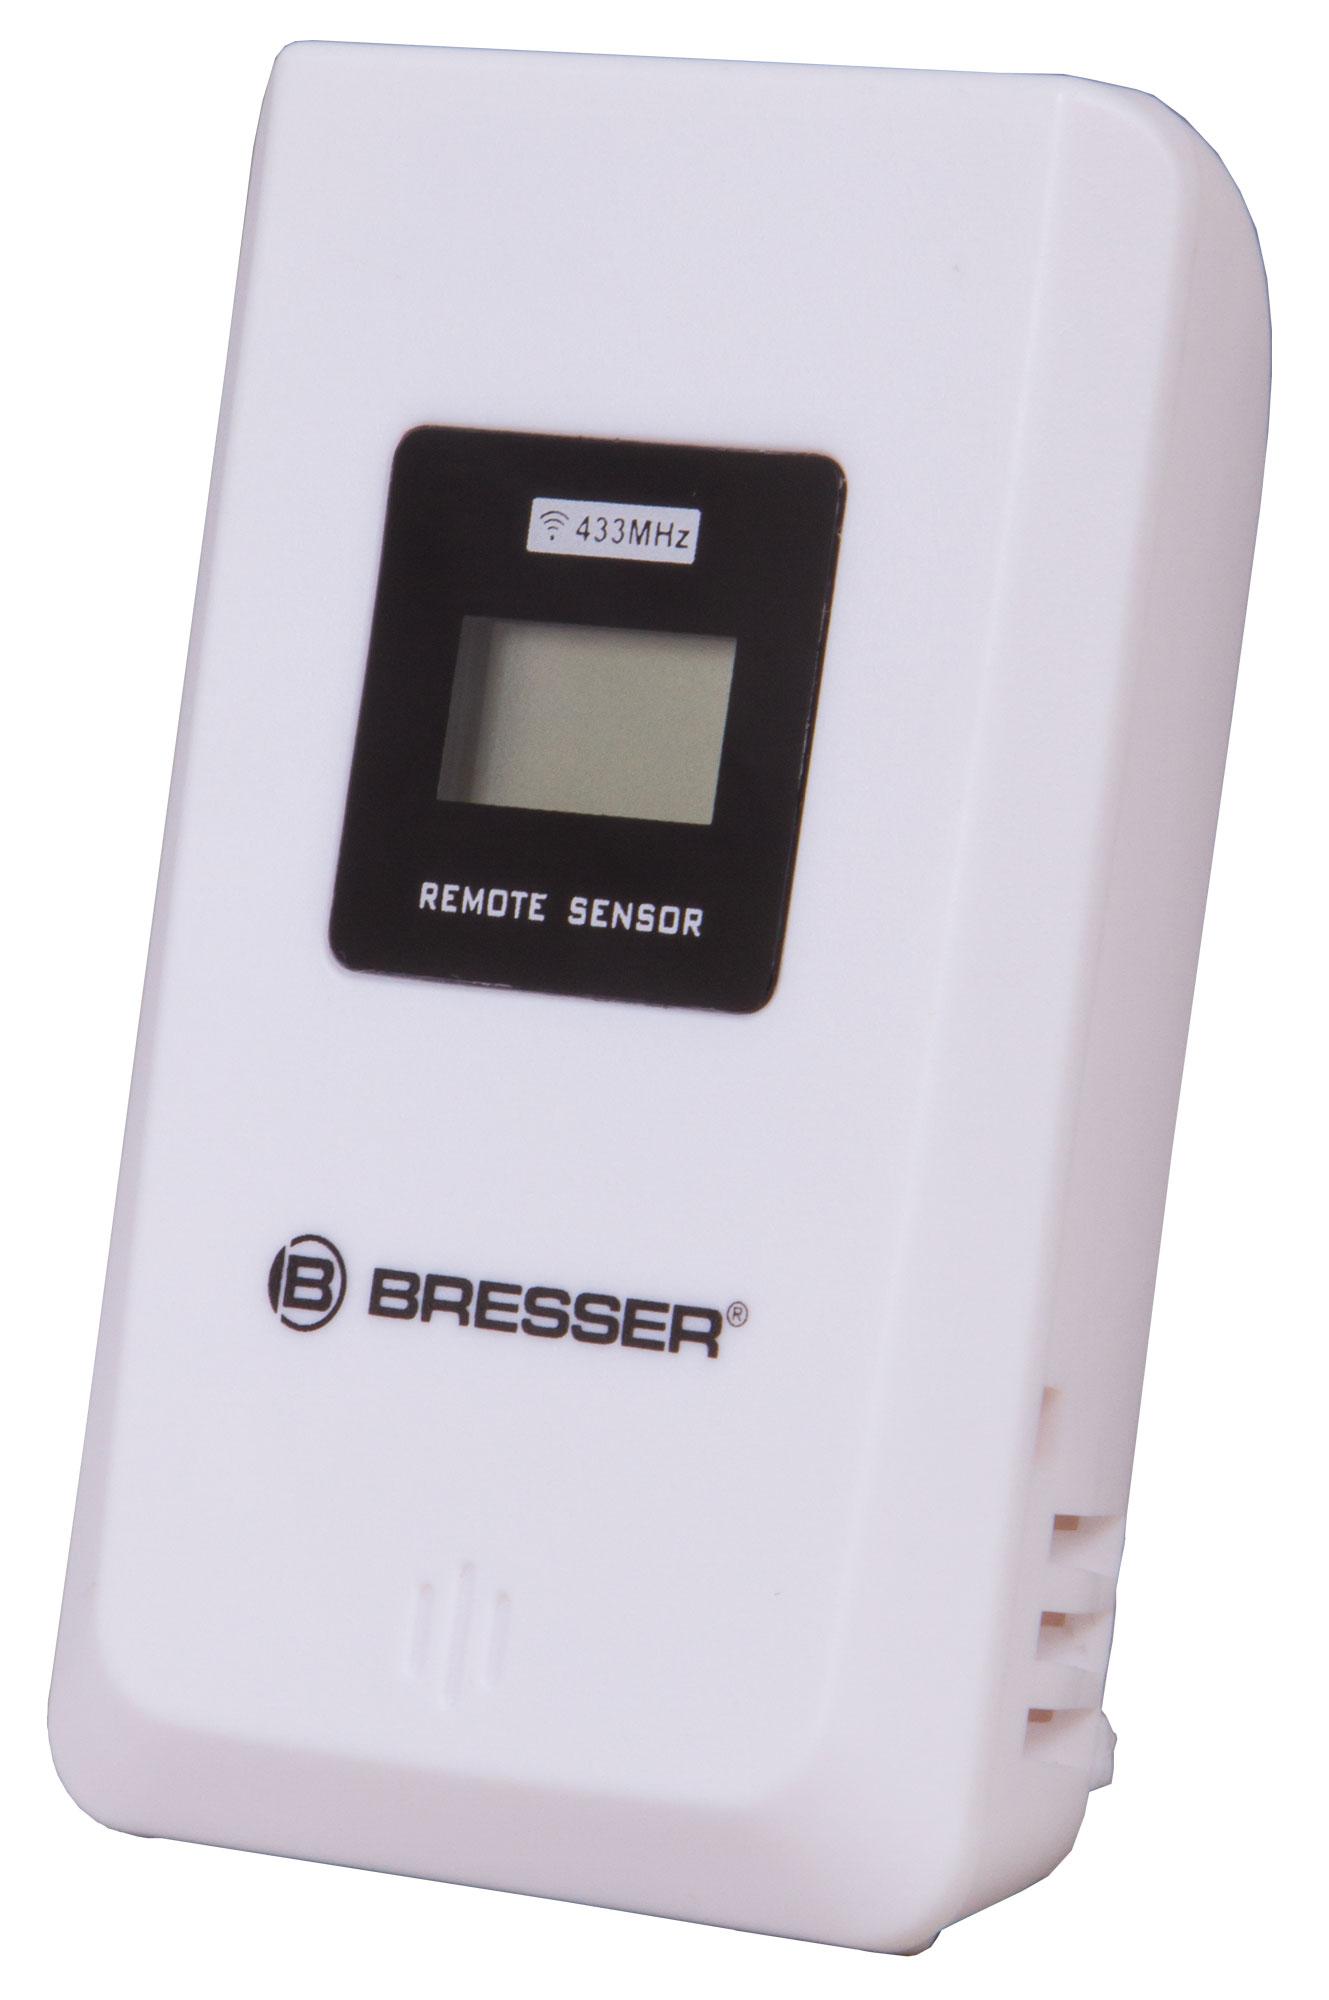 Датчик внешний Bresser для метеостанций, 433 МГц, трехканальный